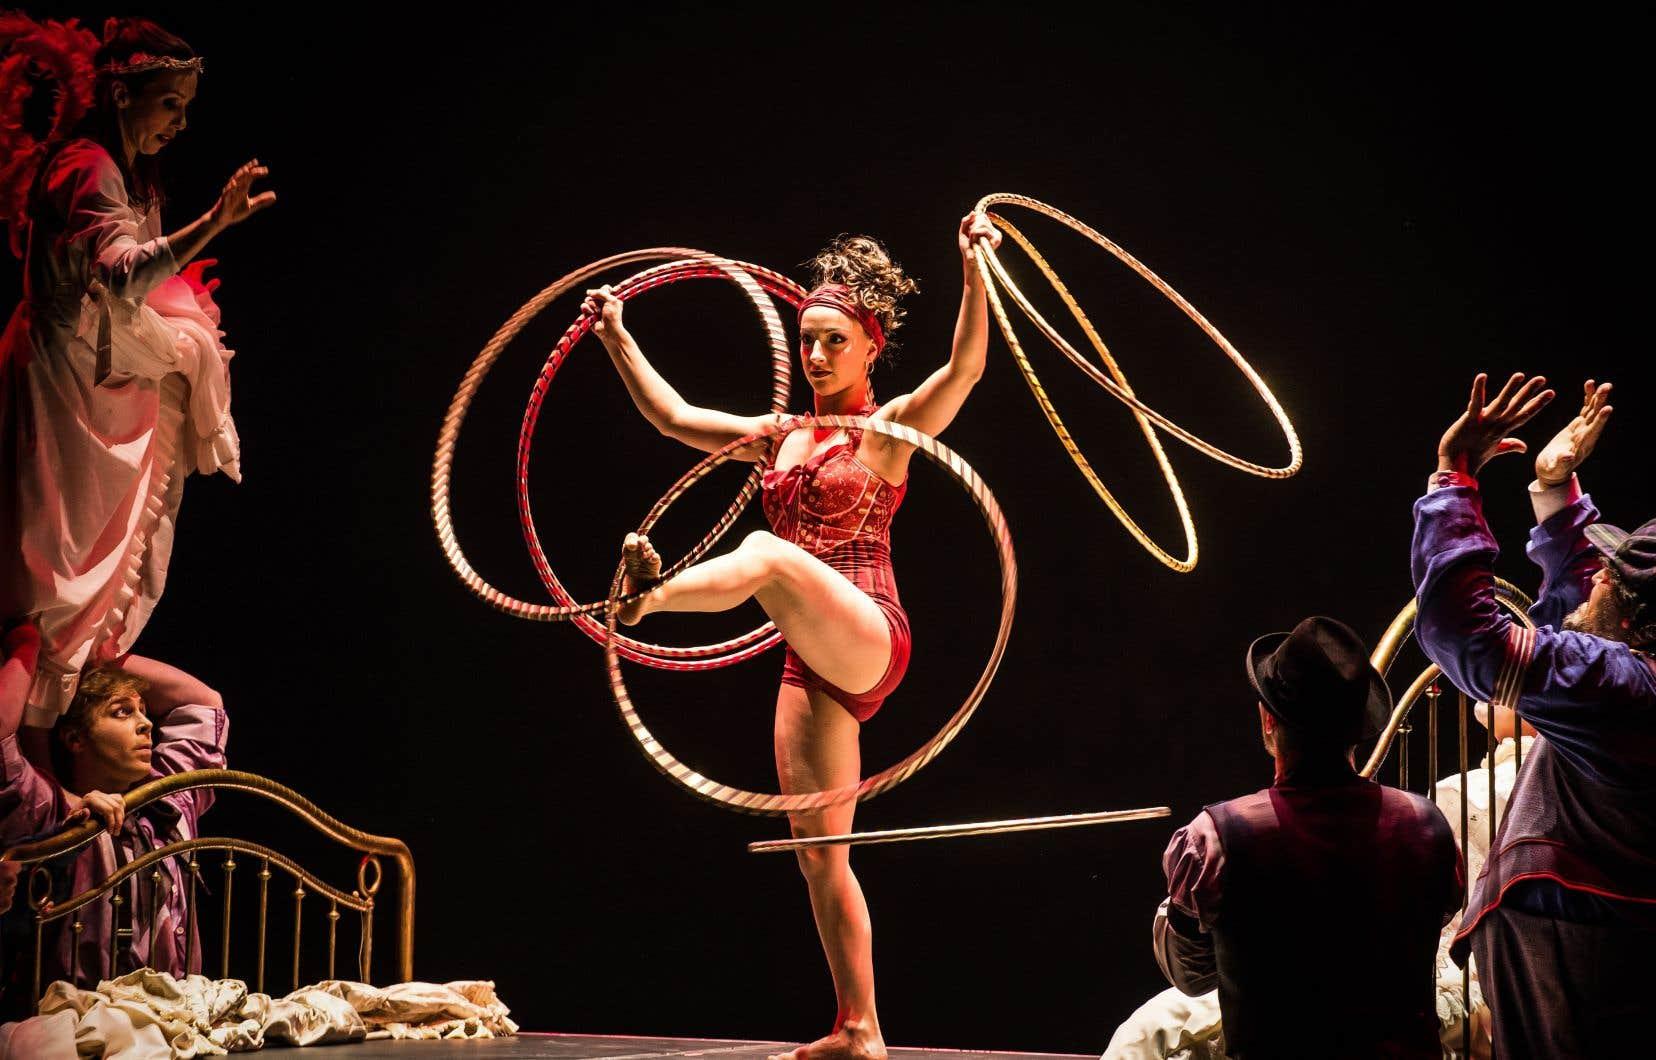 Une artiste du spectacle <em>Corteo</em>, du Cirque du Soleil